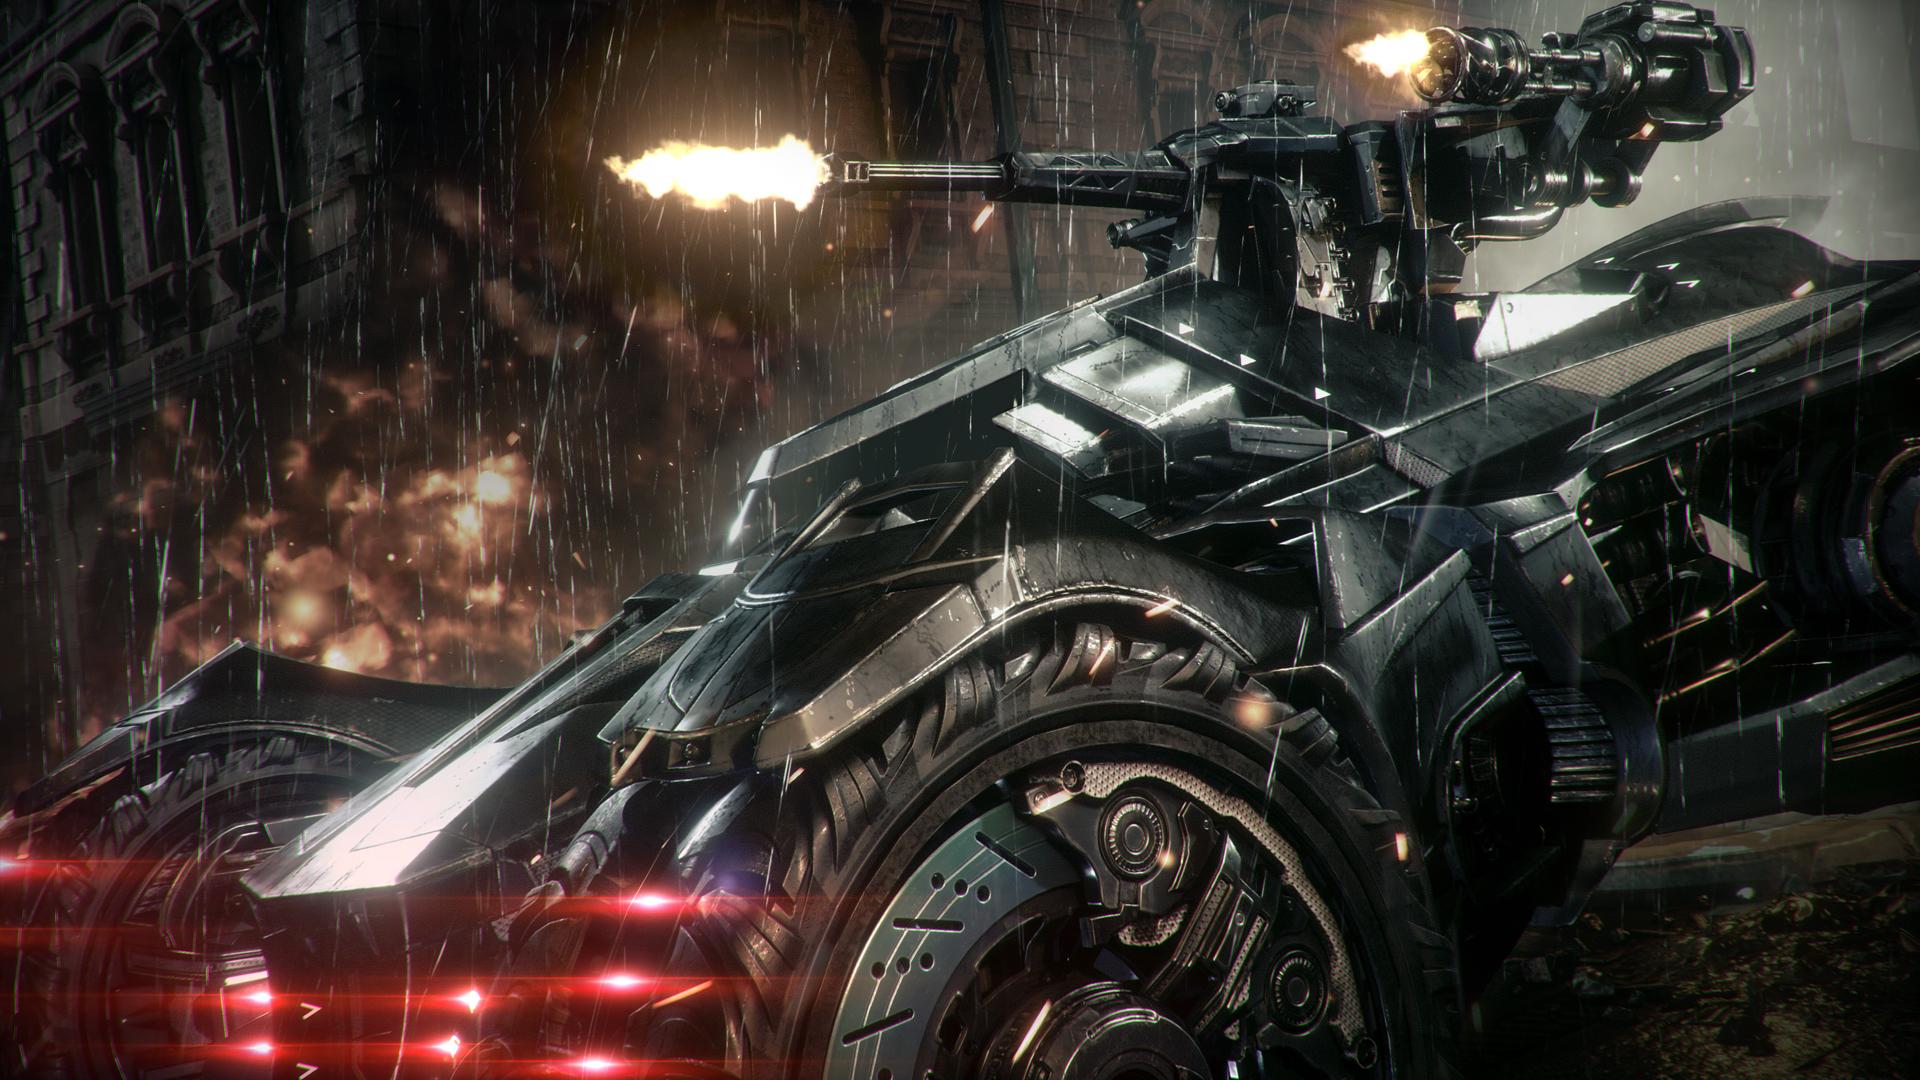 Скриншоты из игры batman arkham knight